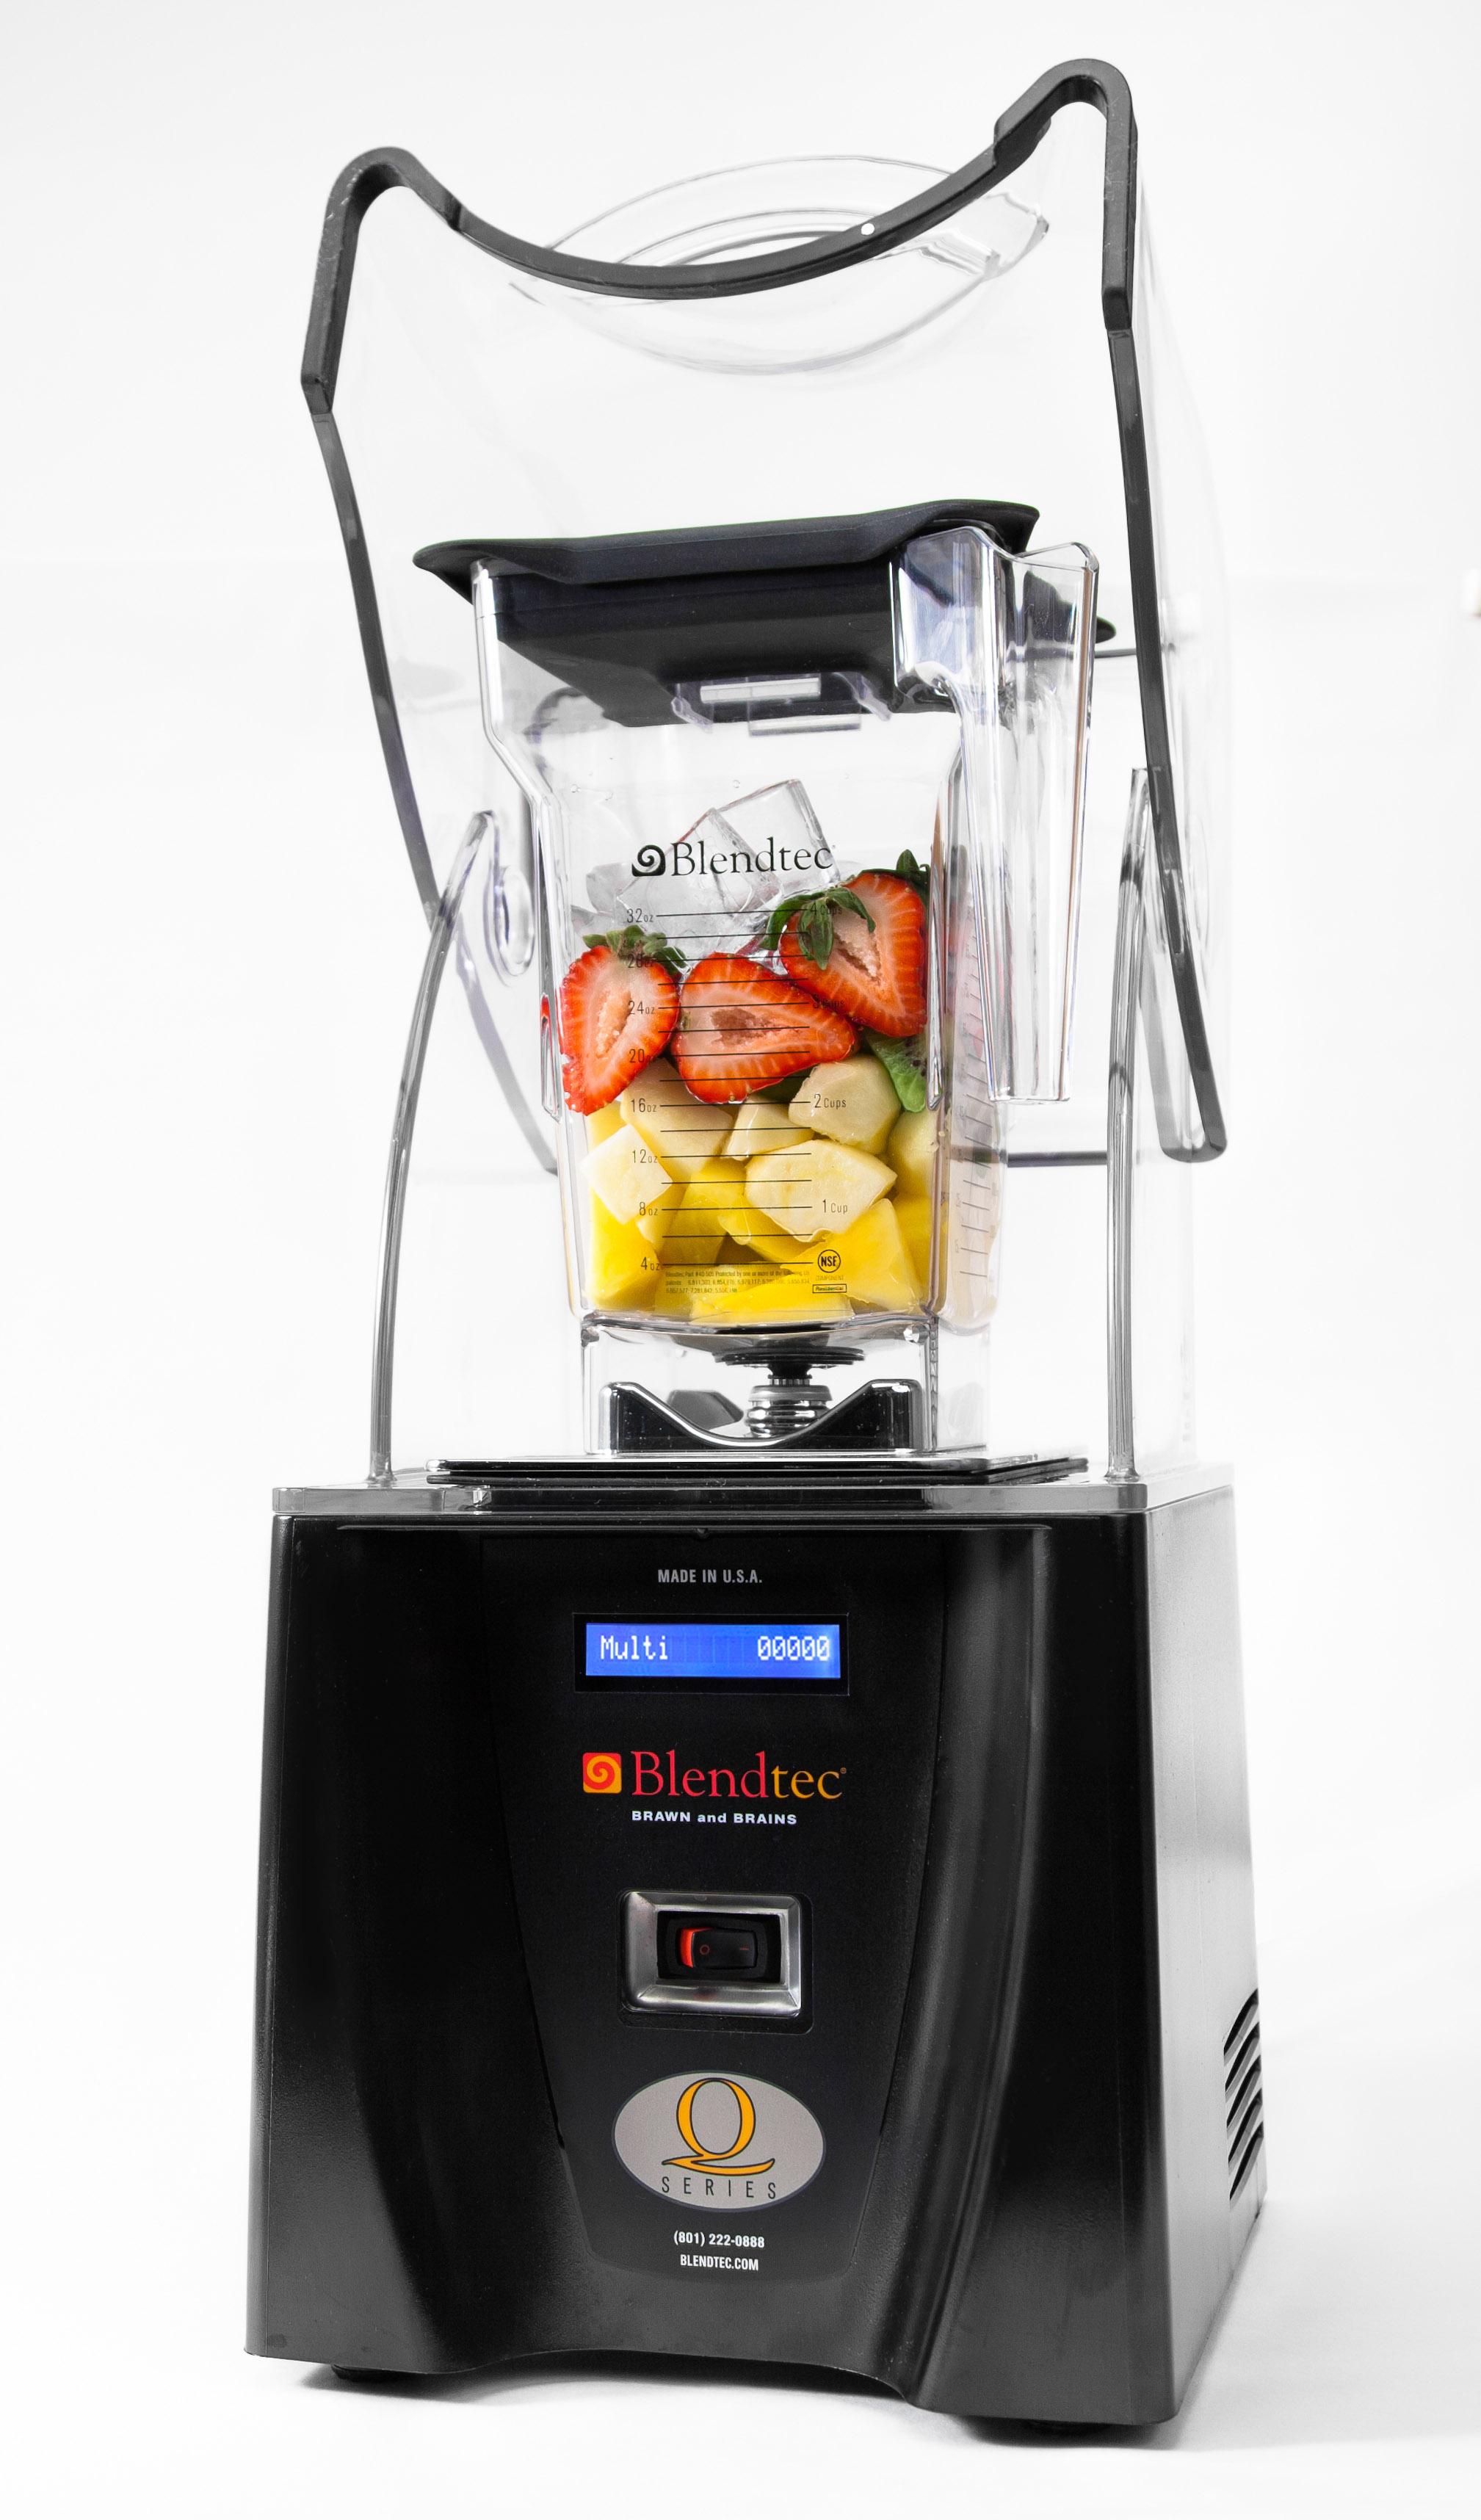 commercial qseries blender - Blendtec Blender